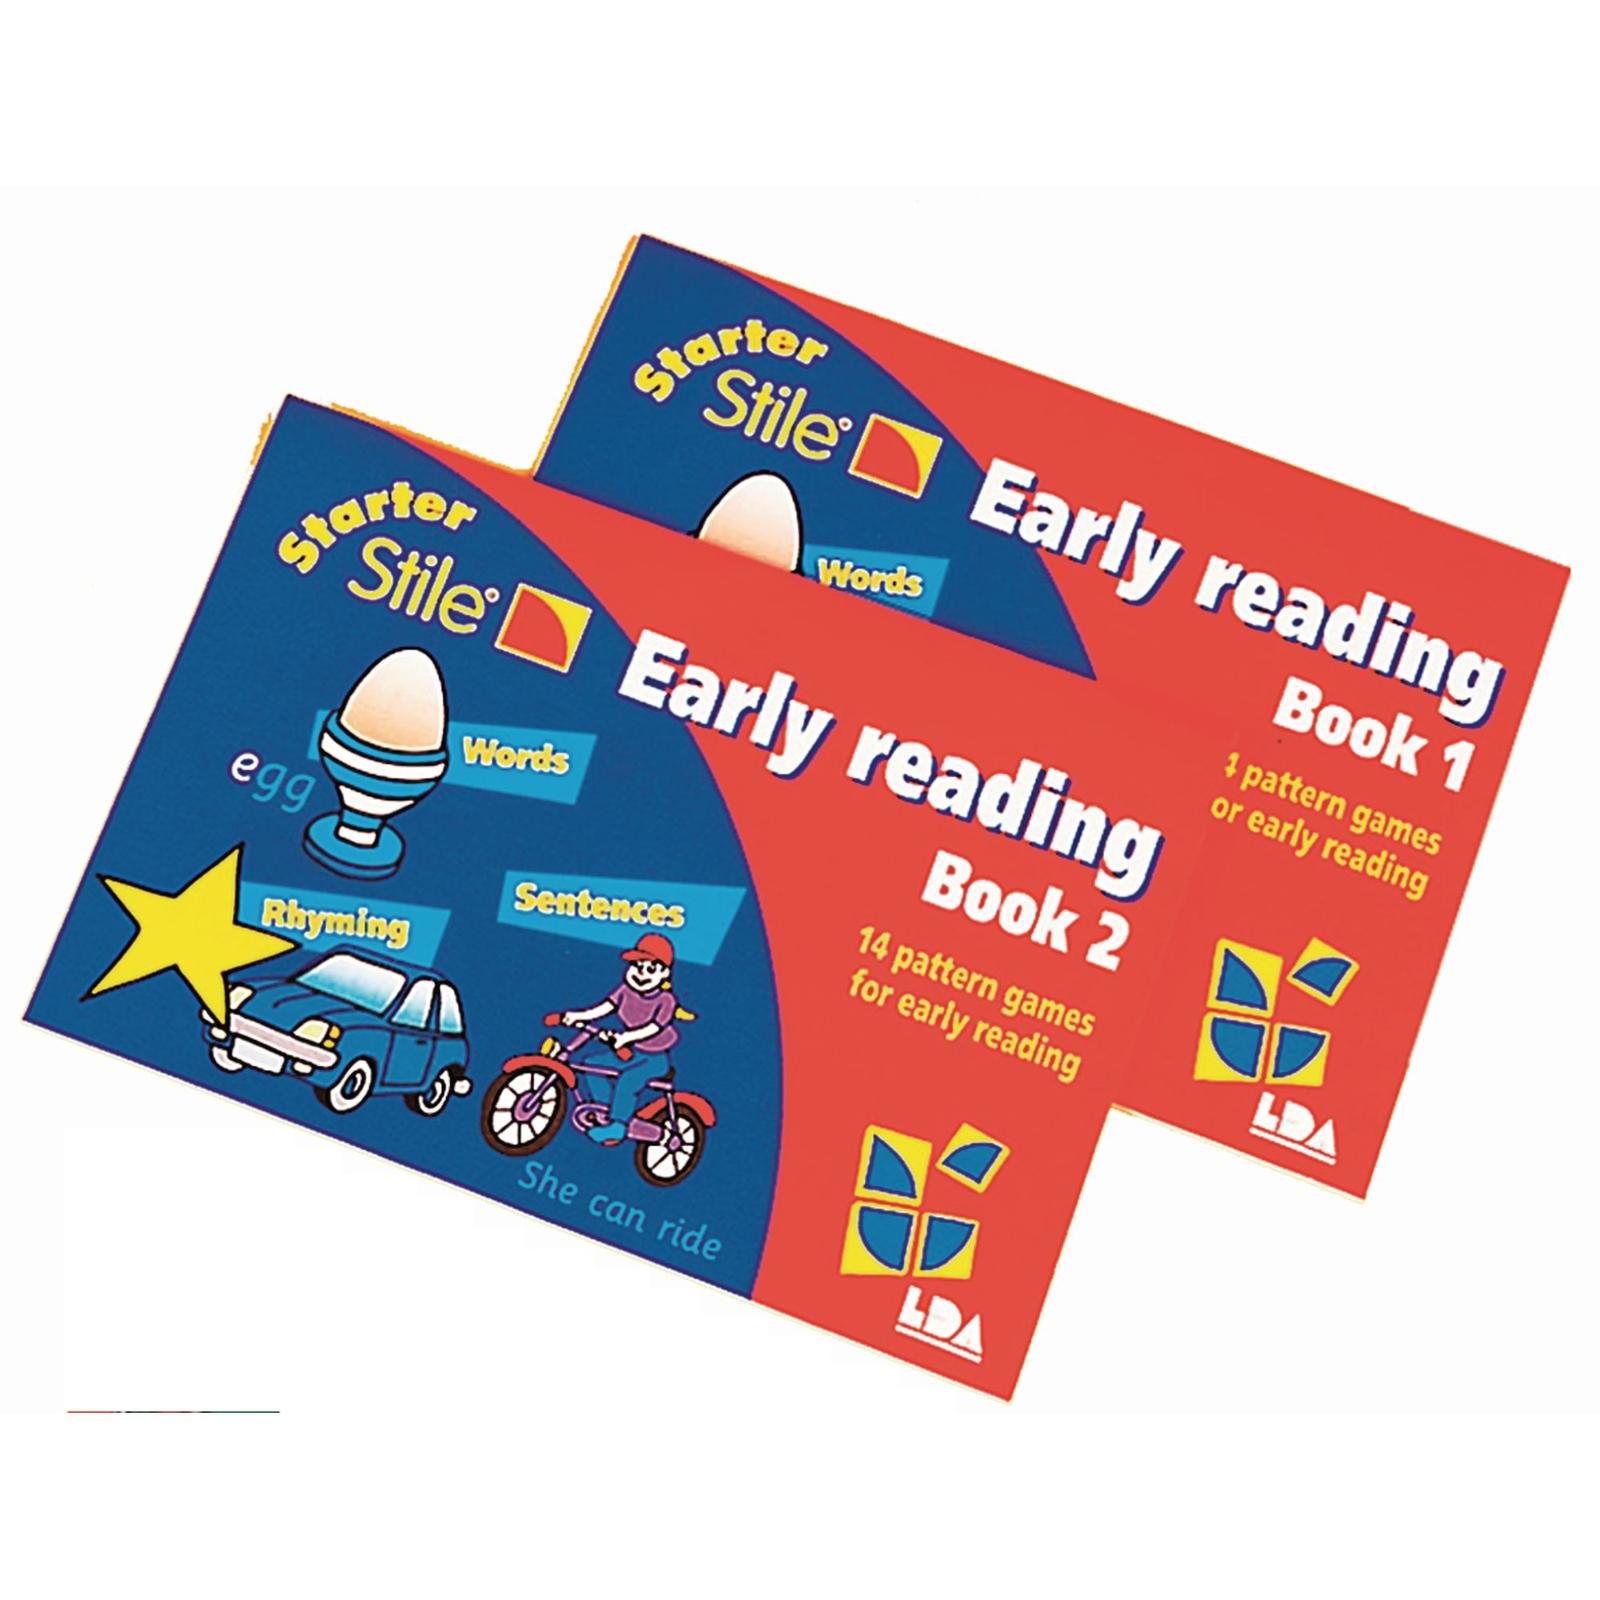 Starter Stile Early Reading Books - Pack of 2